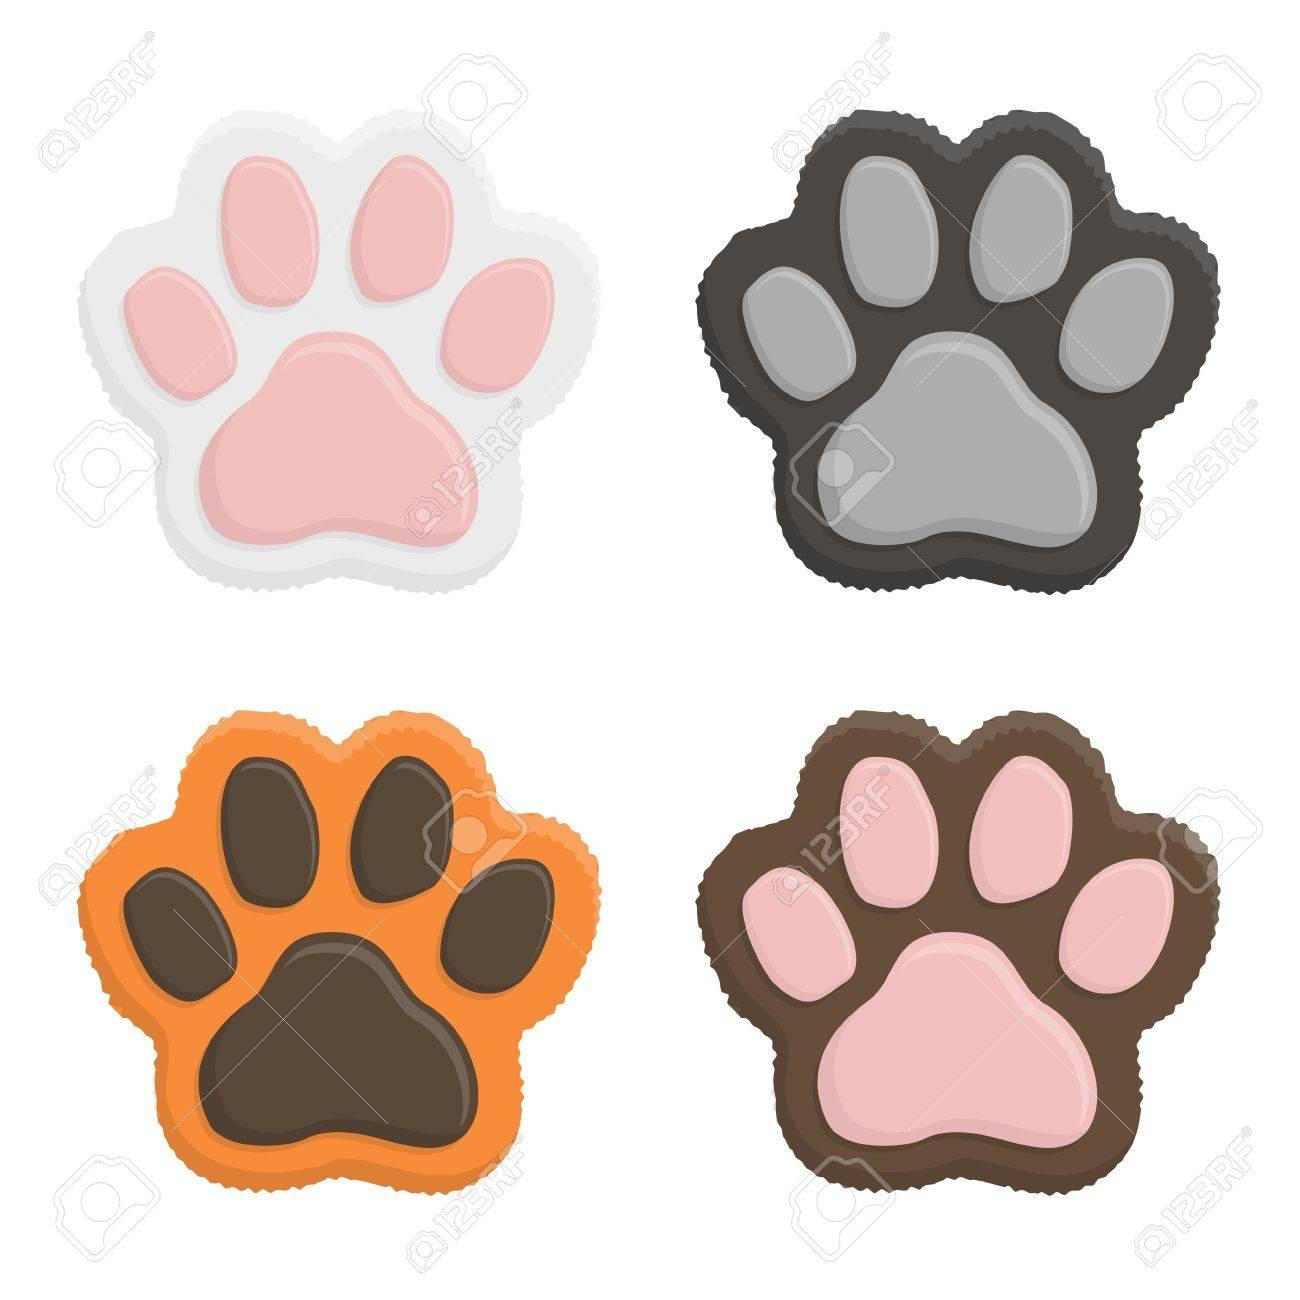 a82ca7c46e5 Conjunto patas gatito. pata del gato impresión animal en estilo plano  aislado en el fondo blanco. vector illustartion